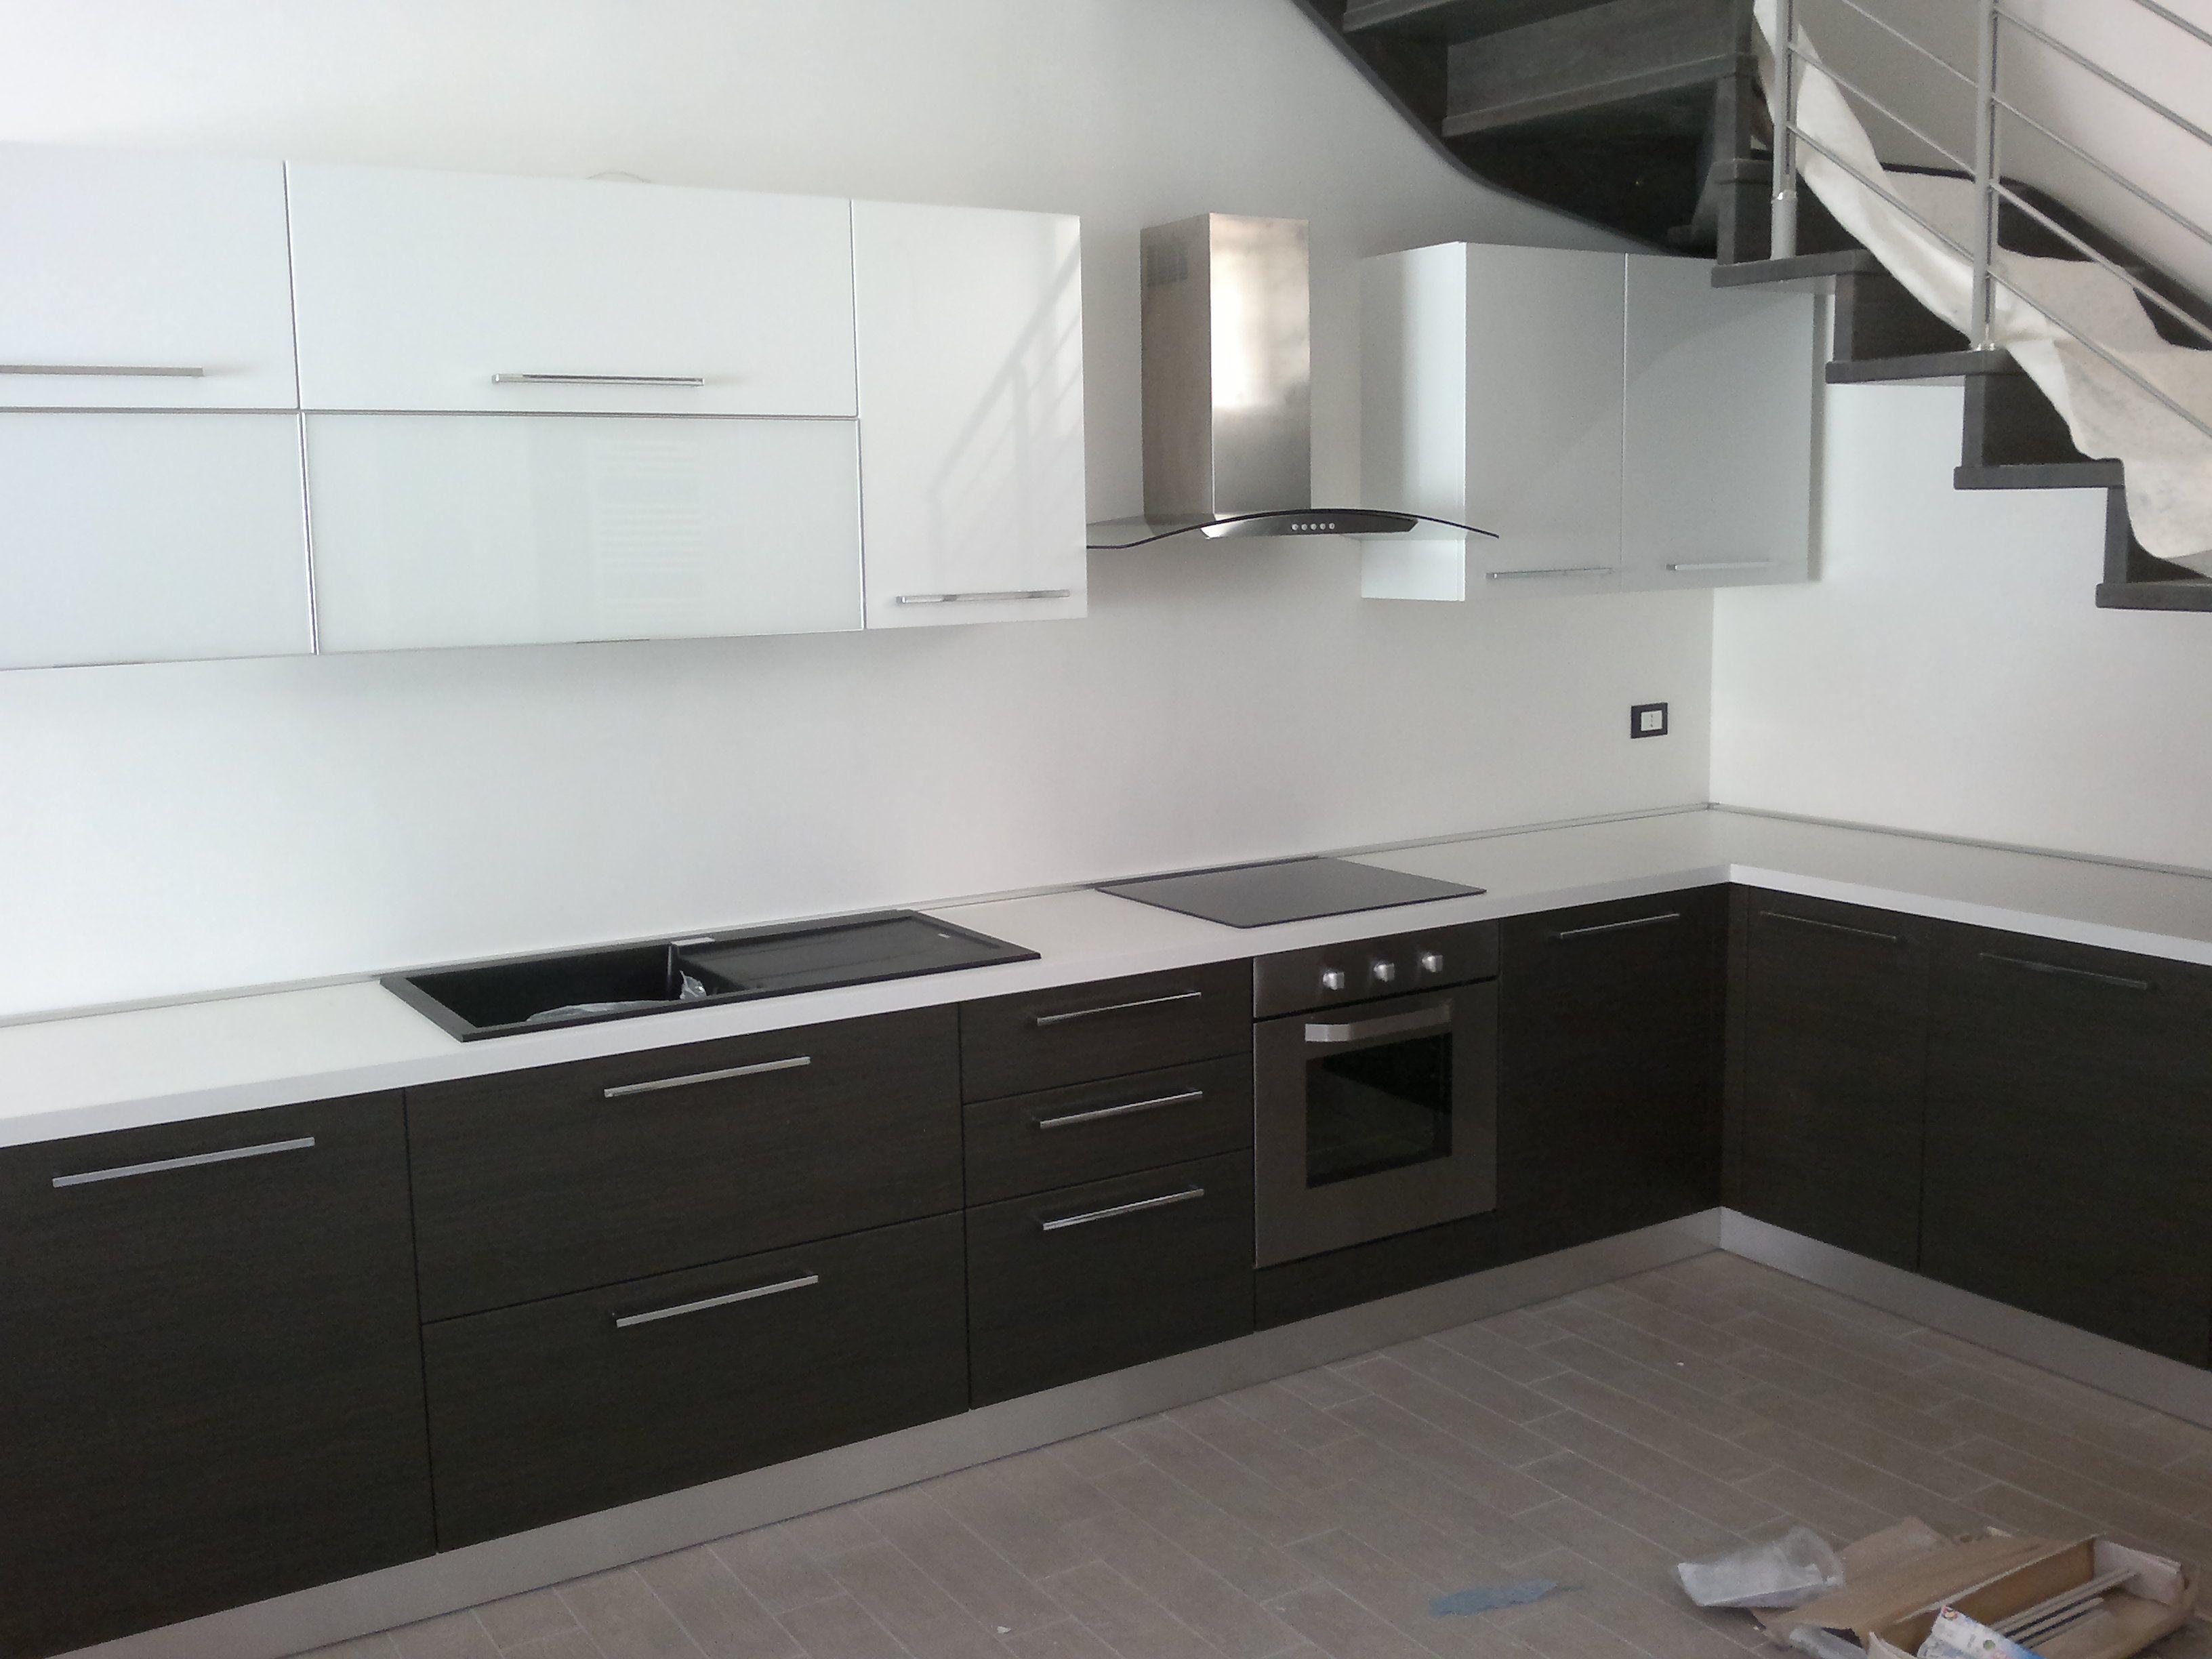 modello Futura - rovere grigio - bianco lucido | cucine realizzate